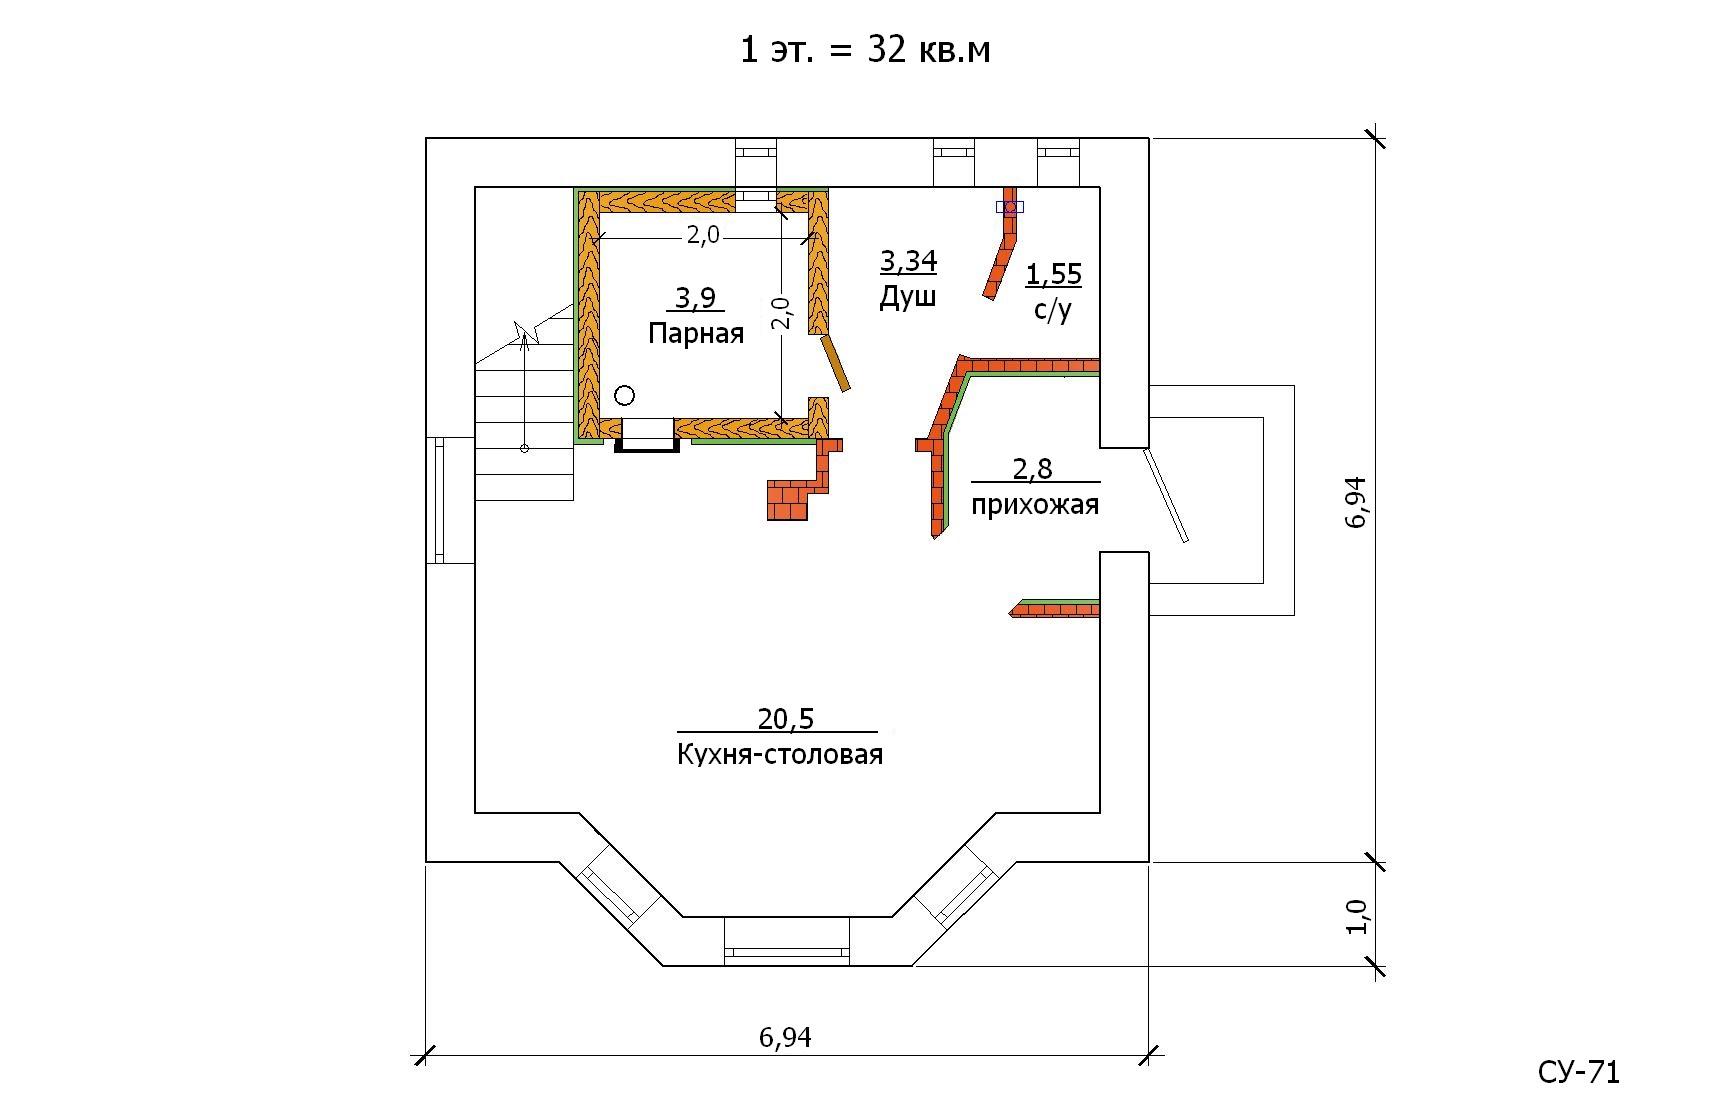 Проект гостевого дома с баней 64 кв.м / Арт. Cу-71 план